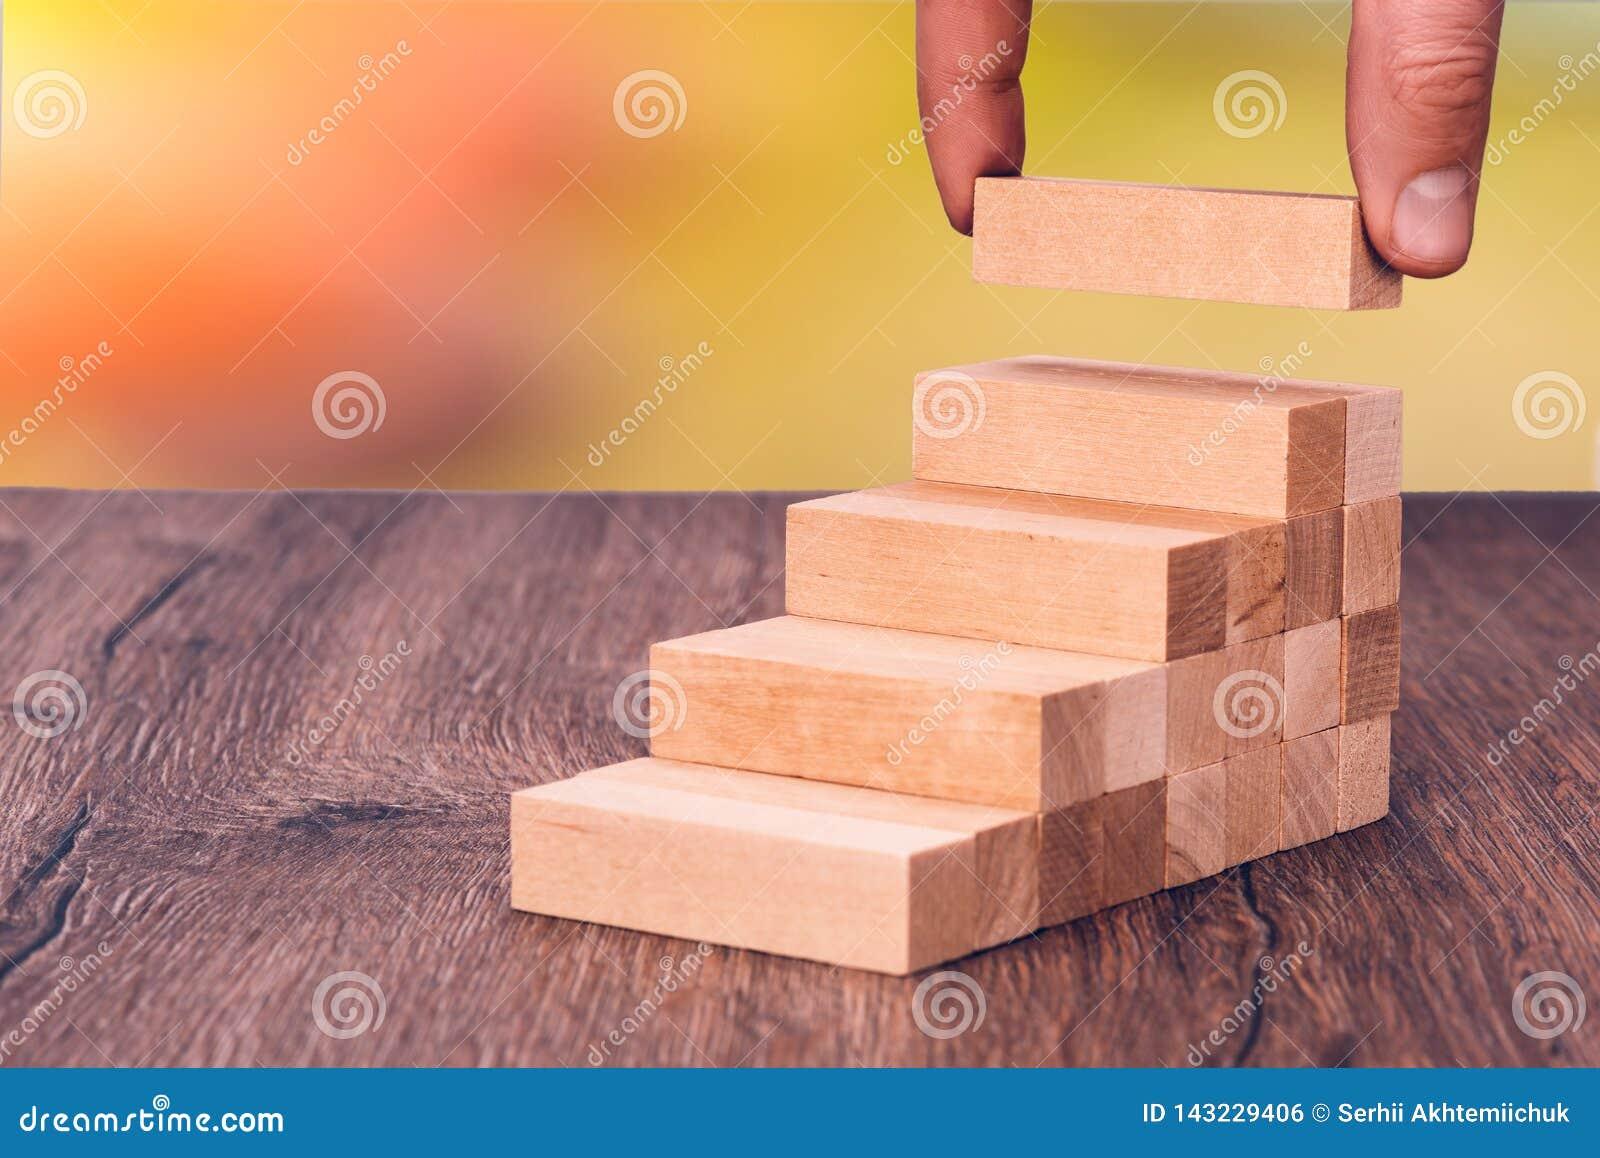 Το άτομο χτίζει μια ξύλινη σκάλα Έννοια: σταθερή ανάπτυξη